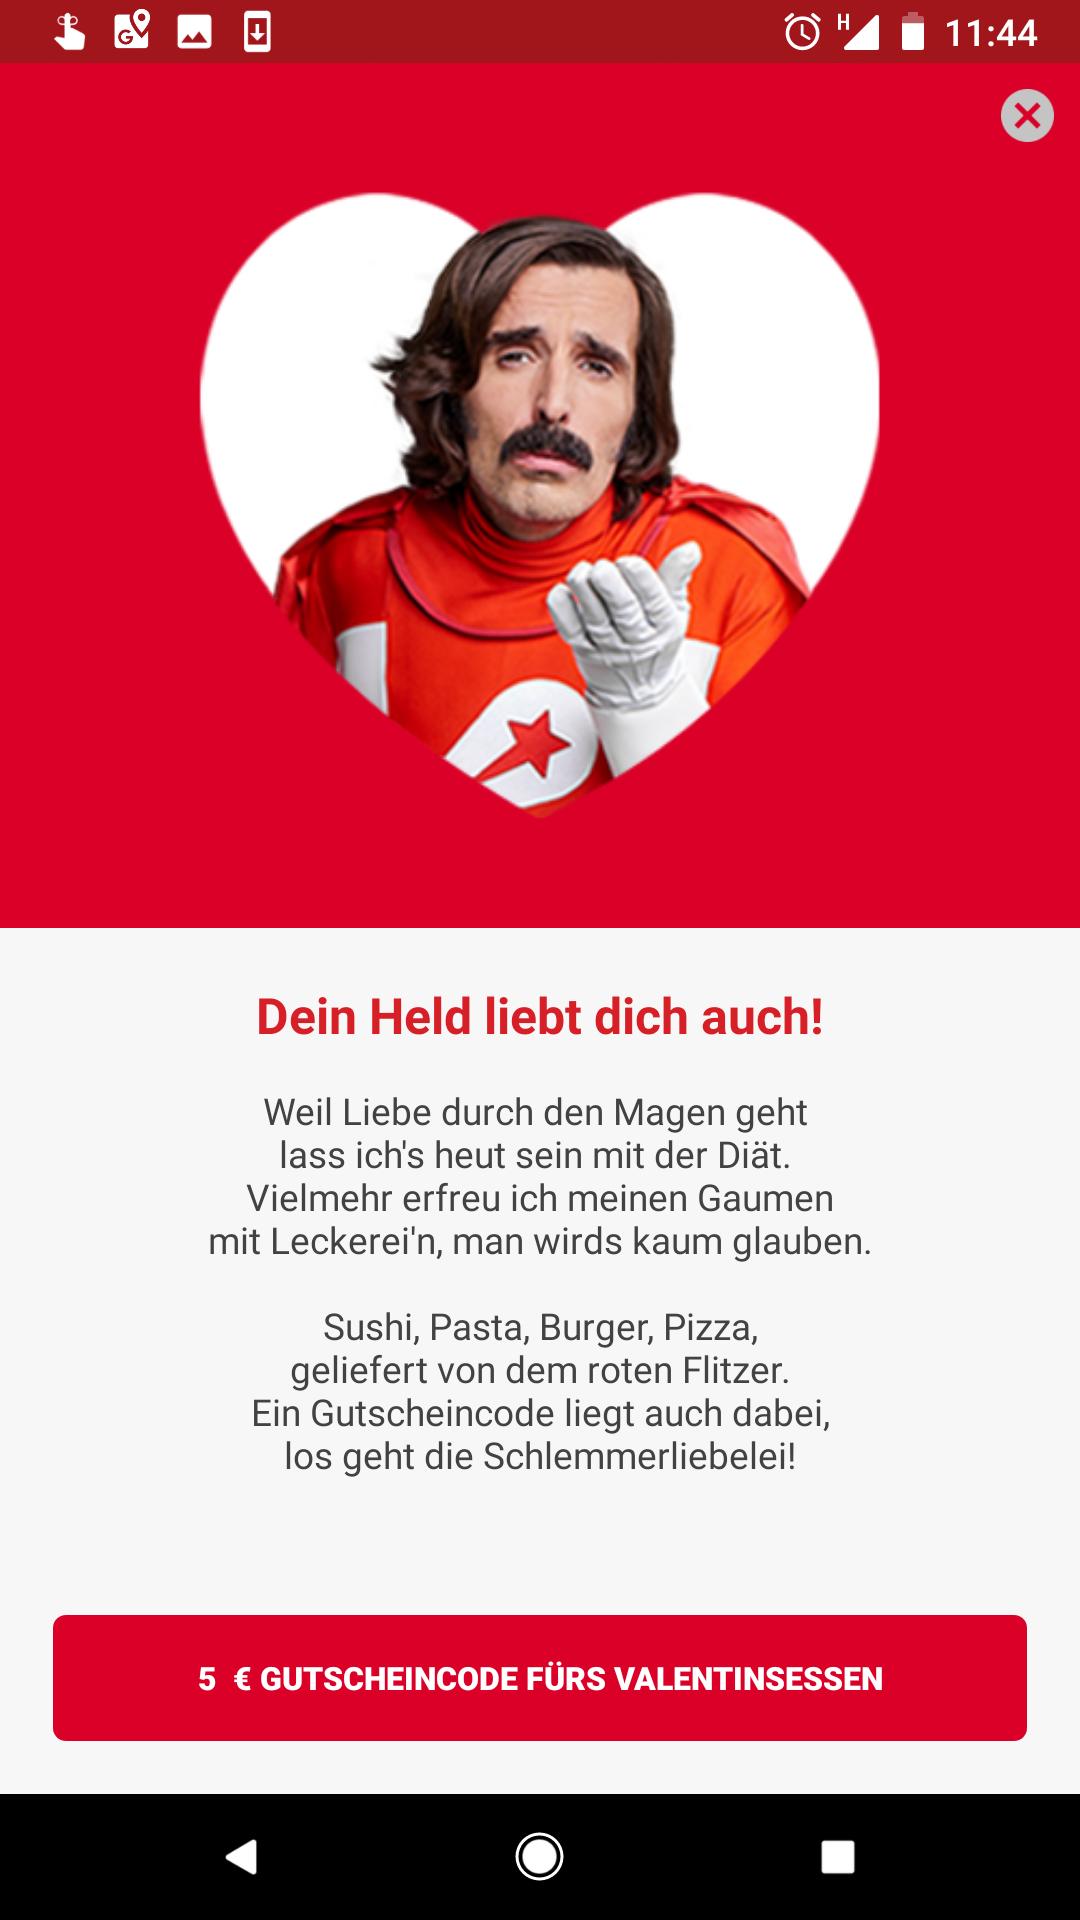 Lieferheld App öffnen und 5€ Gutschein erhalten